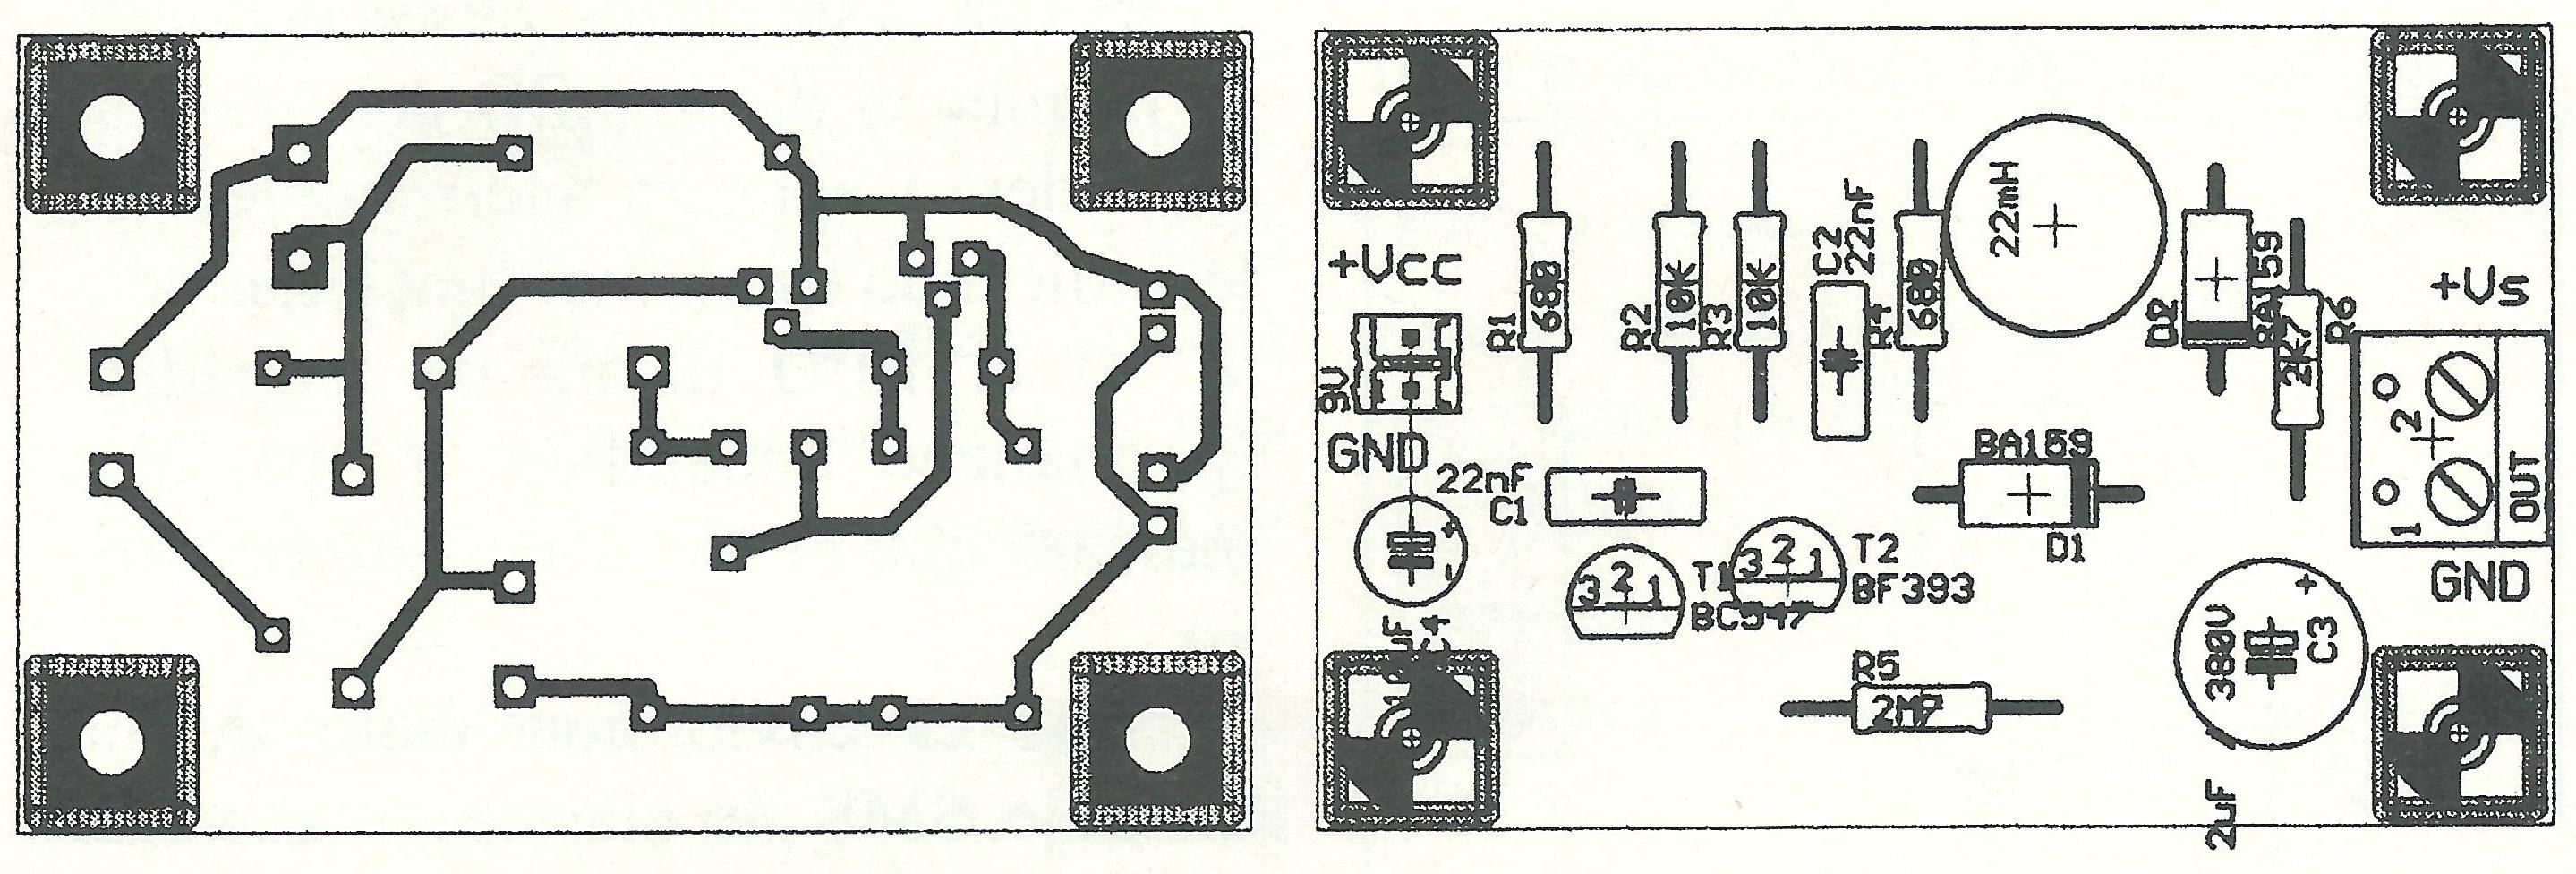 Medidor Comprobador De Zener Y Varistores Hasta 140v Blog Led Circuito Basado Probador Transistores Serigrafia